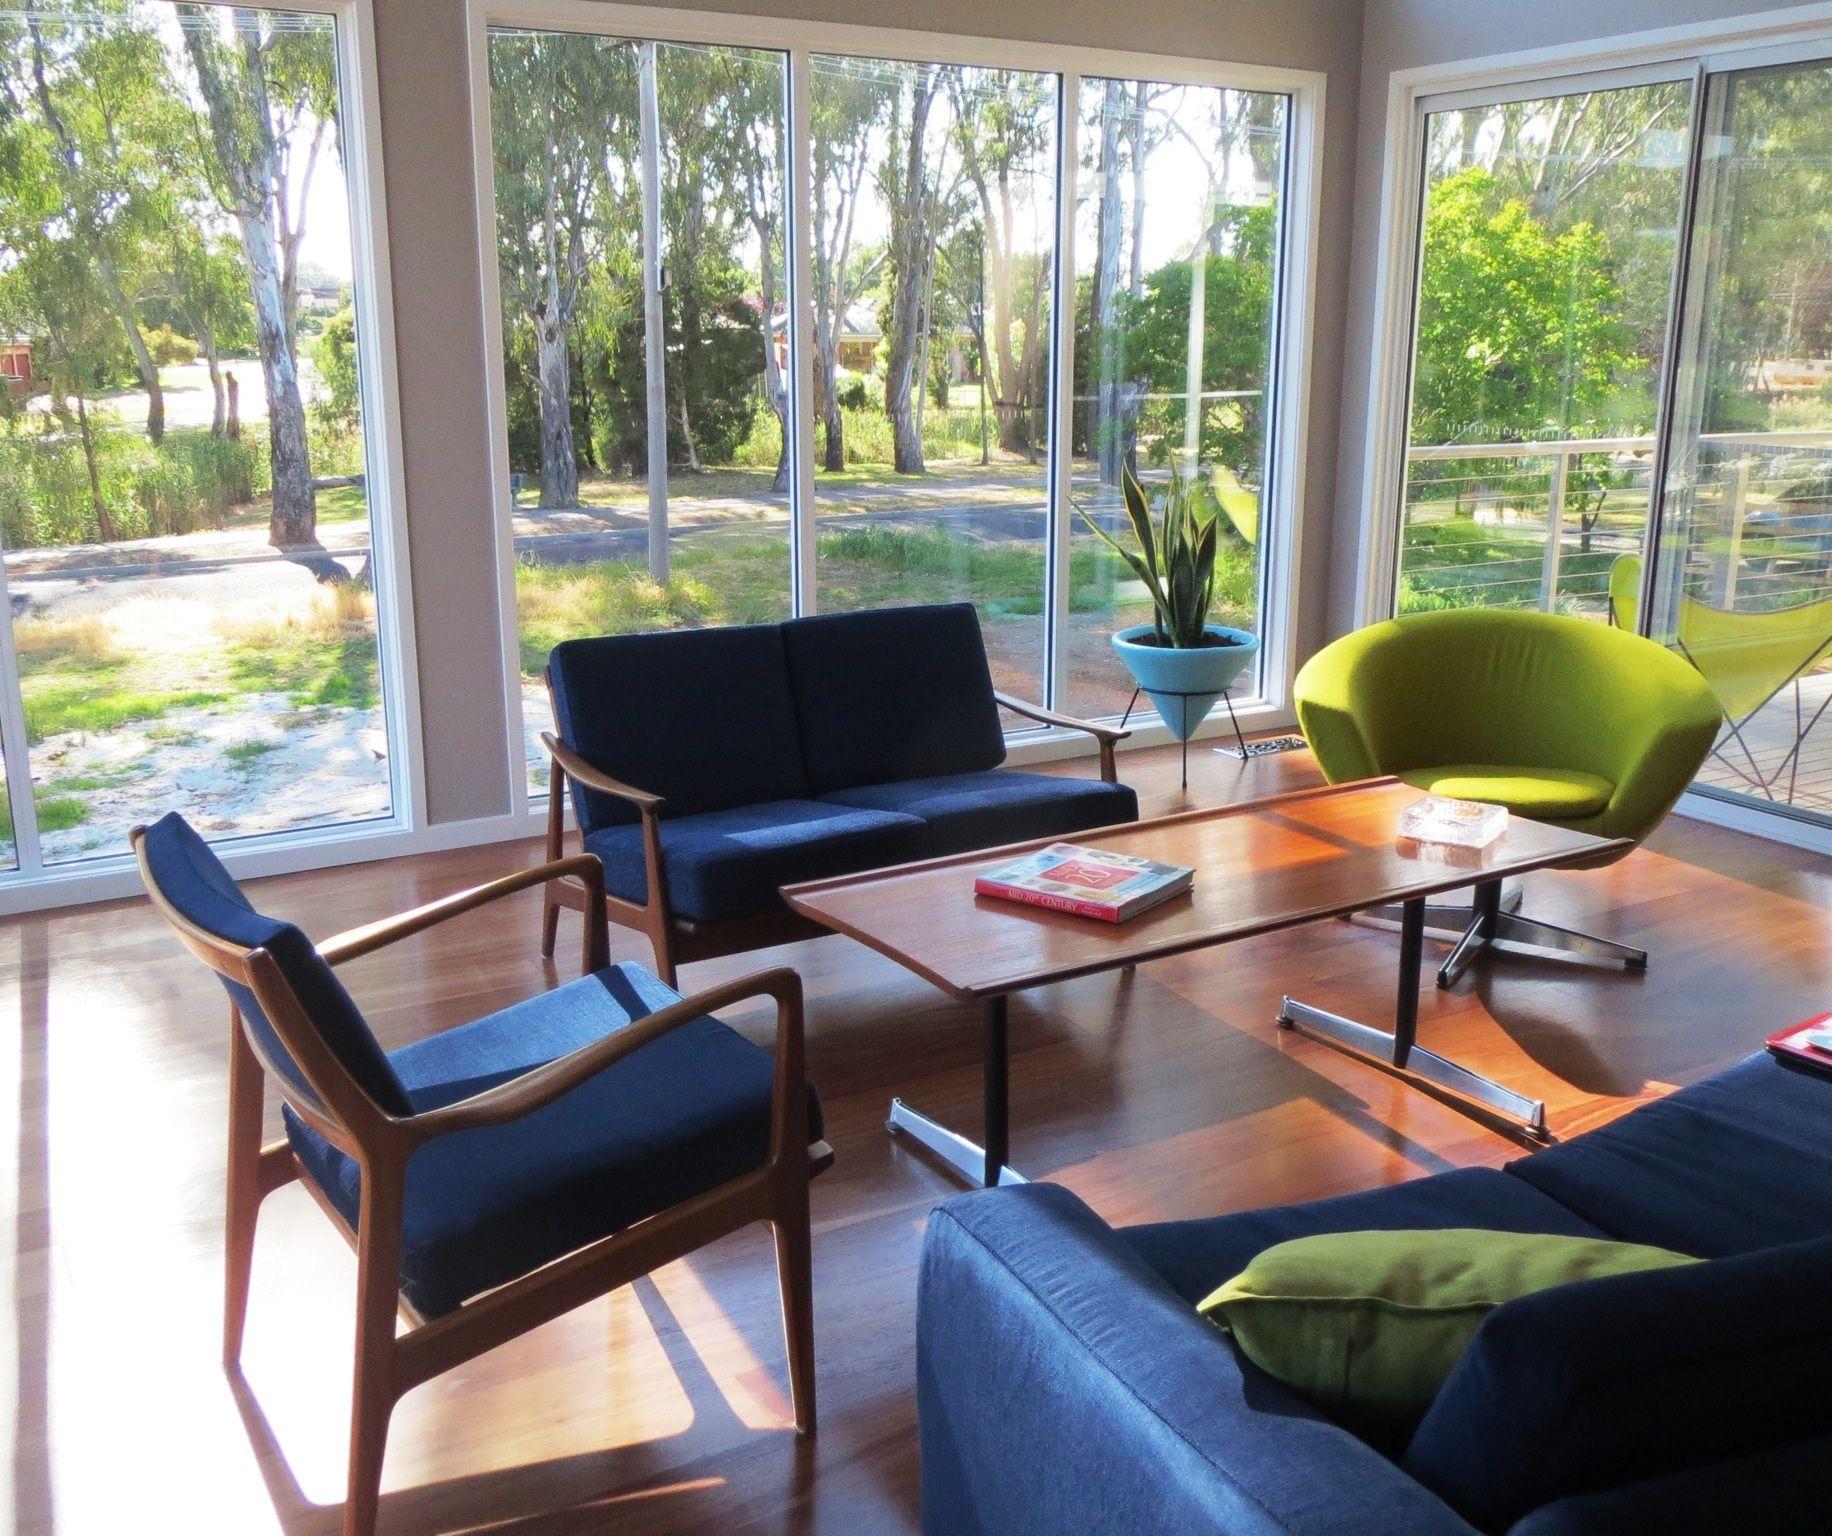 Classic Australian Designed Furniture In The Morning Light. Rosando Easden  Parker Fler